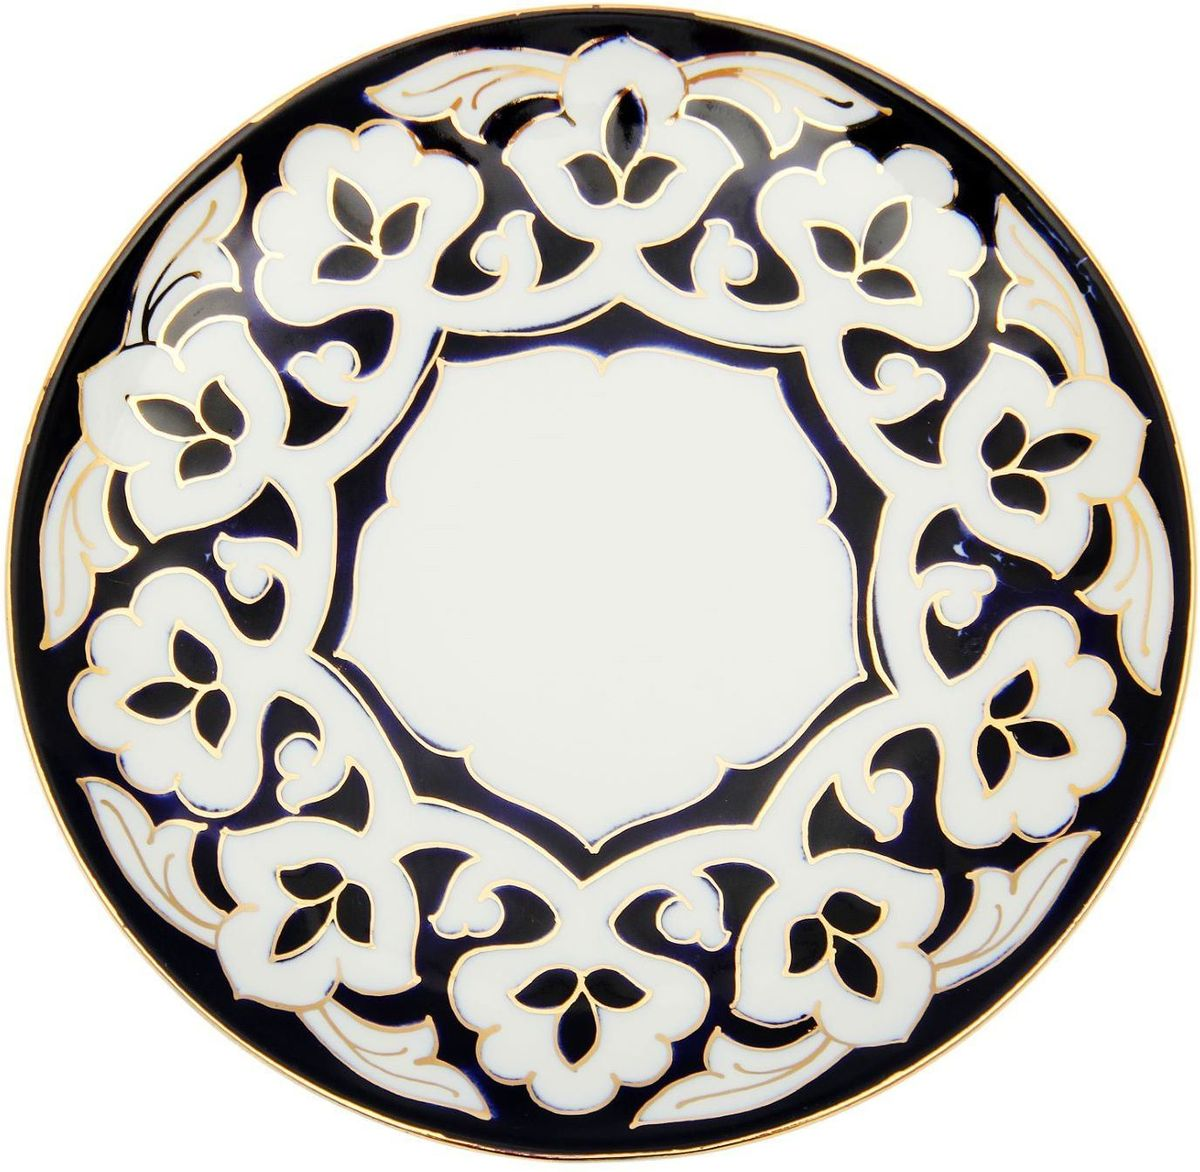 Тарелка Turon Porcelain Пахта, цвет: белый, синий, золотистый, диаметр 19,5 см1625357Узбекская посуда известна всему миру уже более тысячи лет. Ей любовались царские особы, на ней подавали еду для шейхов и знатных персон. Формулы красок и глазури передаются из поколения в поколение. По сей день качественные расписные изделия продолжают восхищать совершенством и завораживающей красотой.Тарелка Turon Porcelain Пахта подойдет для повседневной и праздничной сервировки. Дополните стол текстилем и салфетками в тон, чтобы получить элегантное убранство с яркими акцентами.Национальная узбекская роспись Пахта сдержанна и благородна. Витиеватые узоры выводятся тонкой кистью, а фон заливается кобальтом. Синий краситель при обжиге слегка растекается и придает контуру изображений голубой оттенок. Густая глазурь наносится толстым слоем, благодаря чему рисунок мерцает.